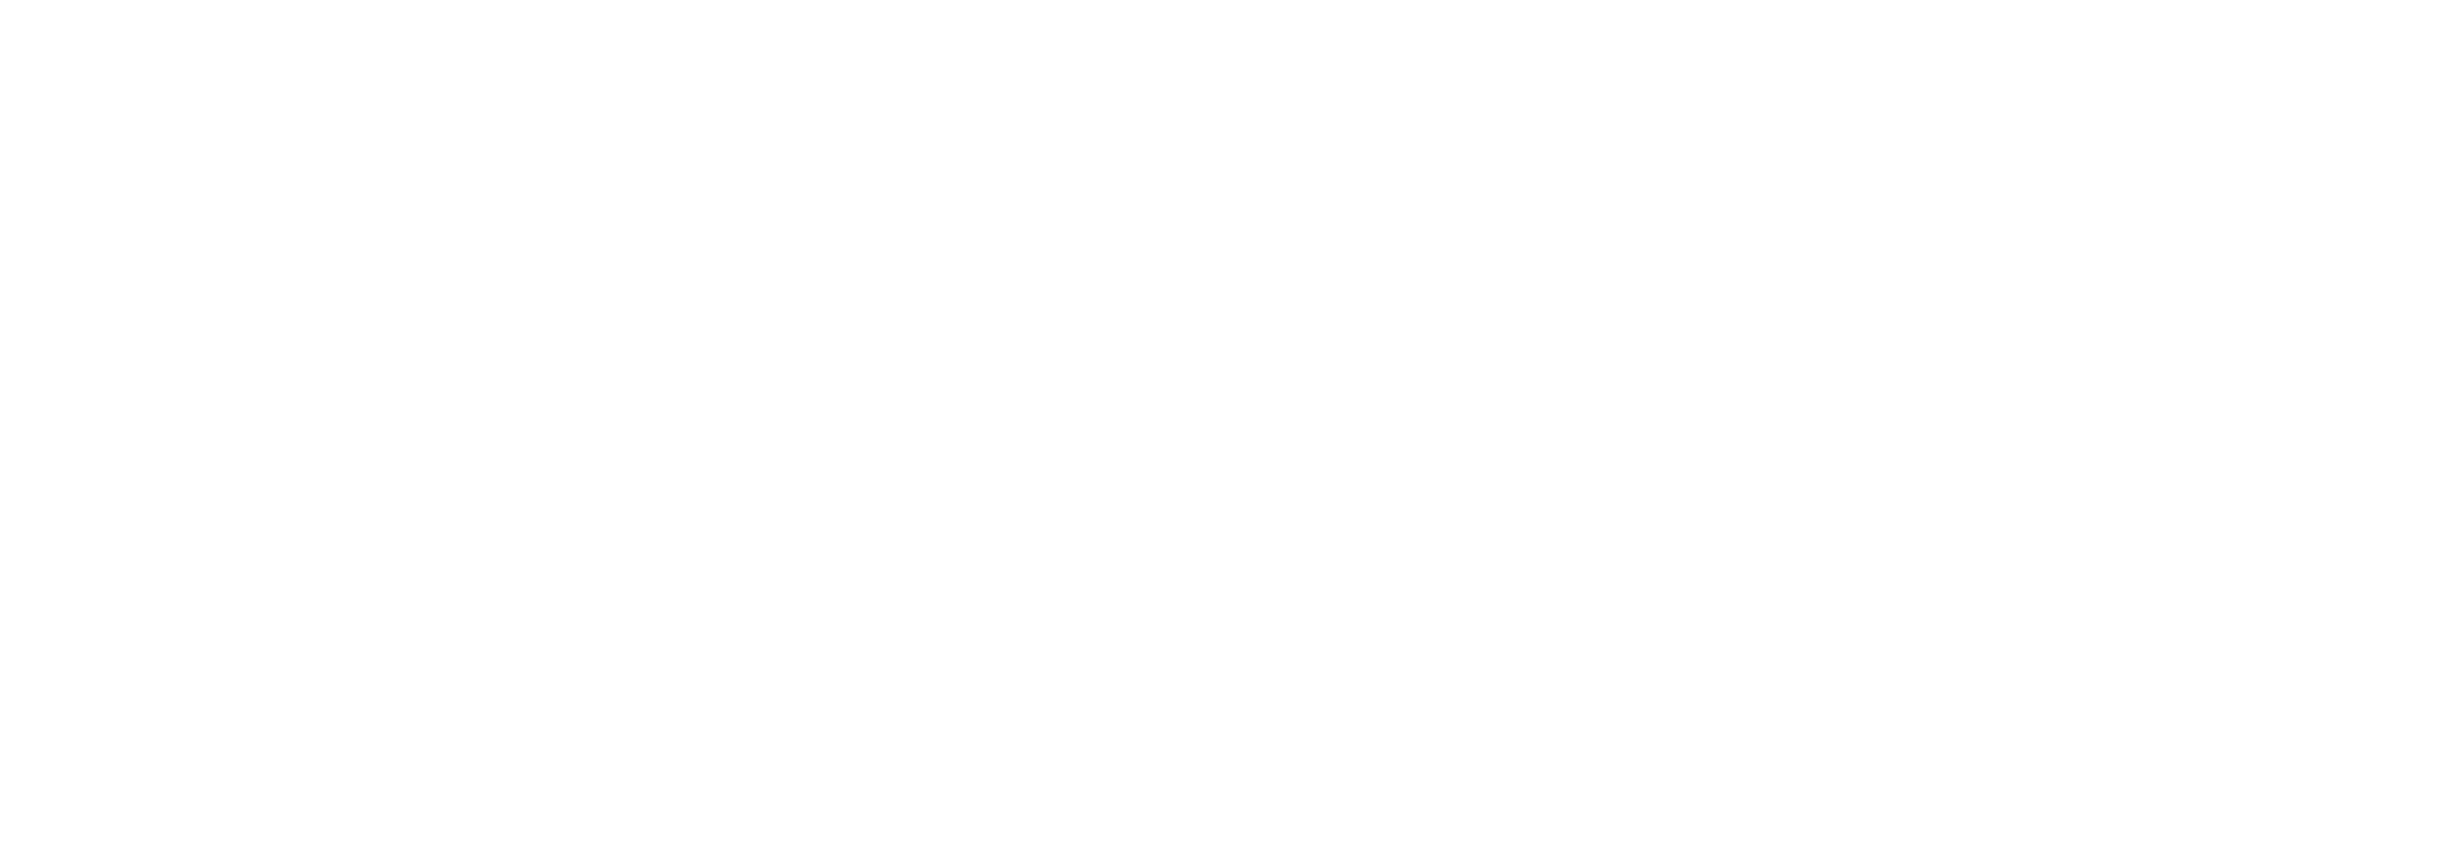 Griller's Gold